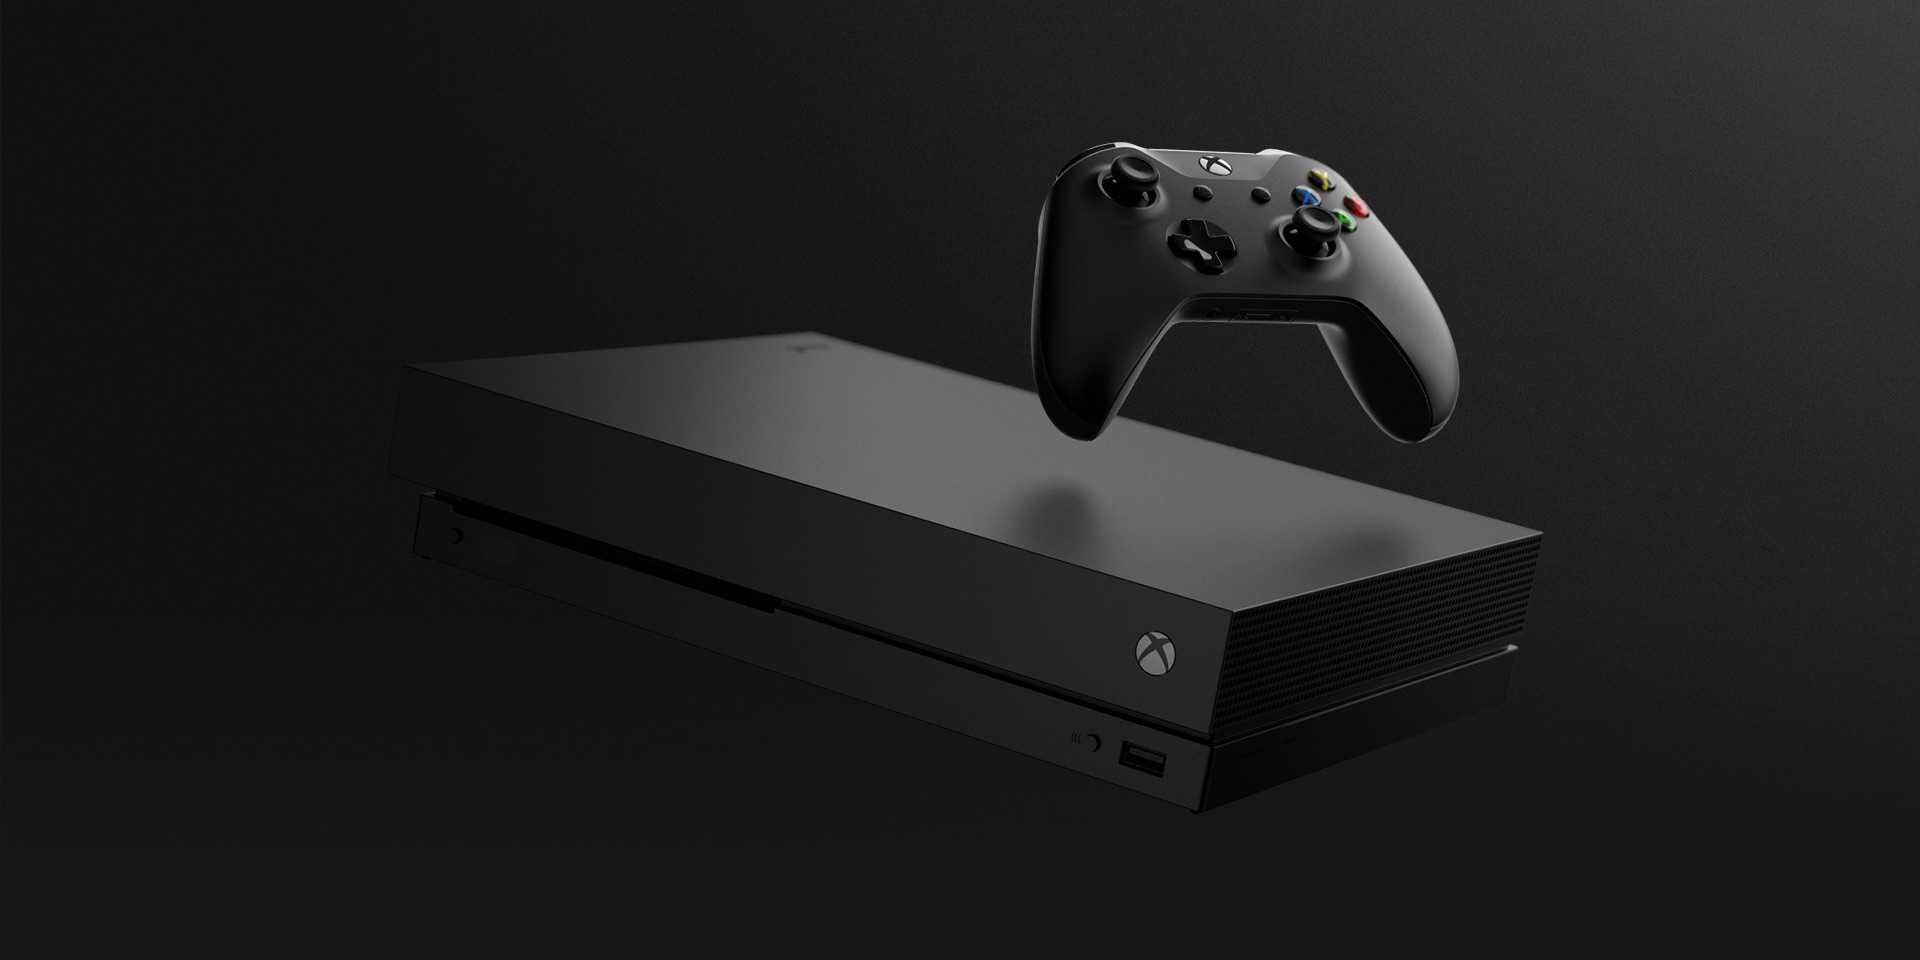 Microsoft'tan Dünyanın En güçlü Oyun Konsolu: Xbox One X